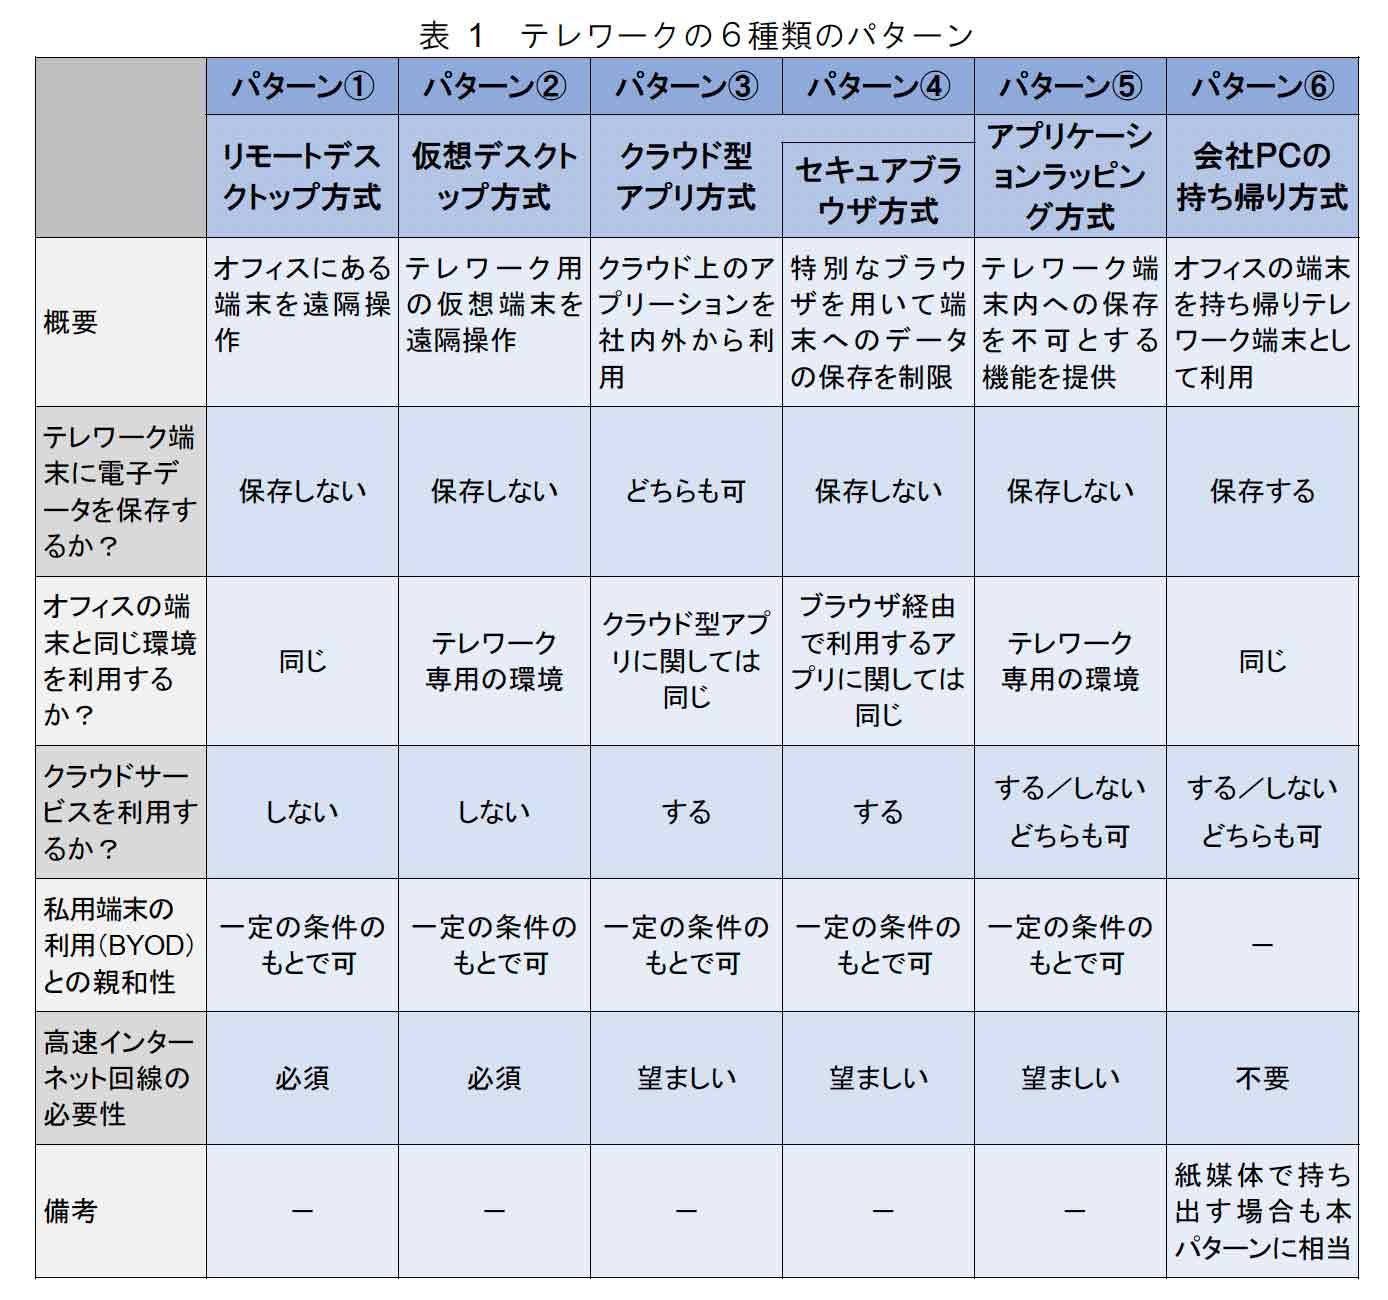 表1 テレワークの6種類のパターン